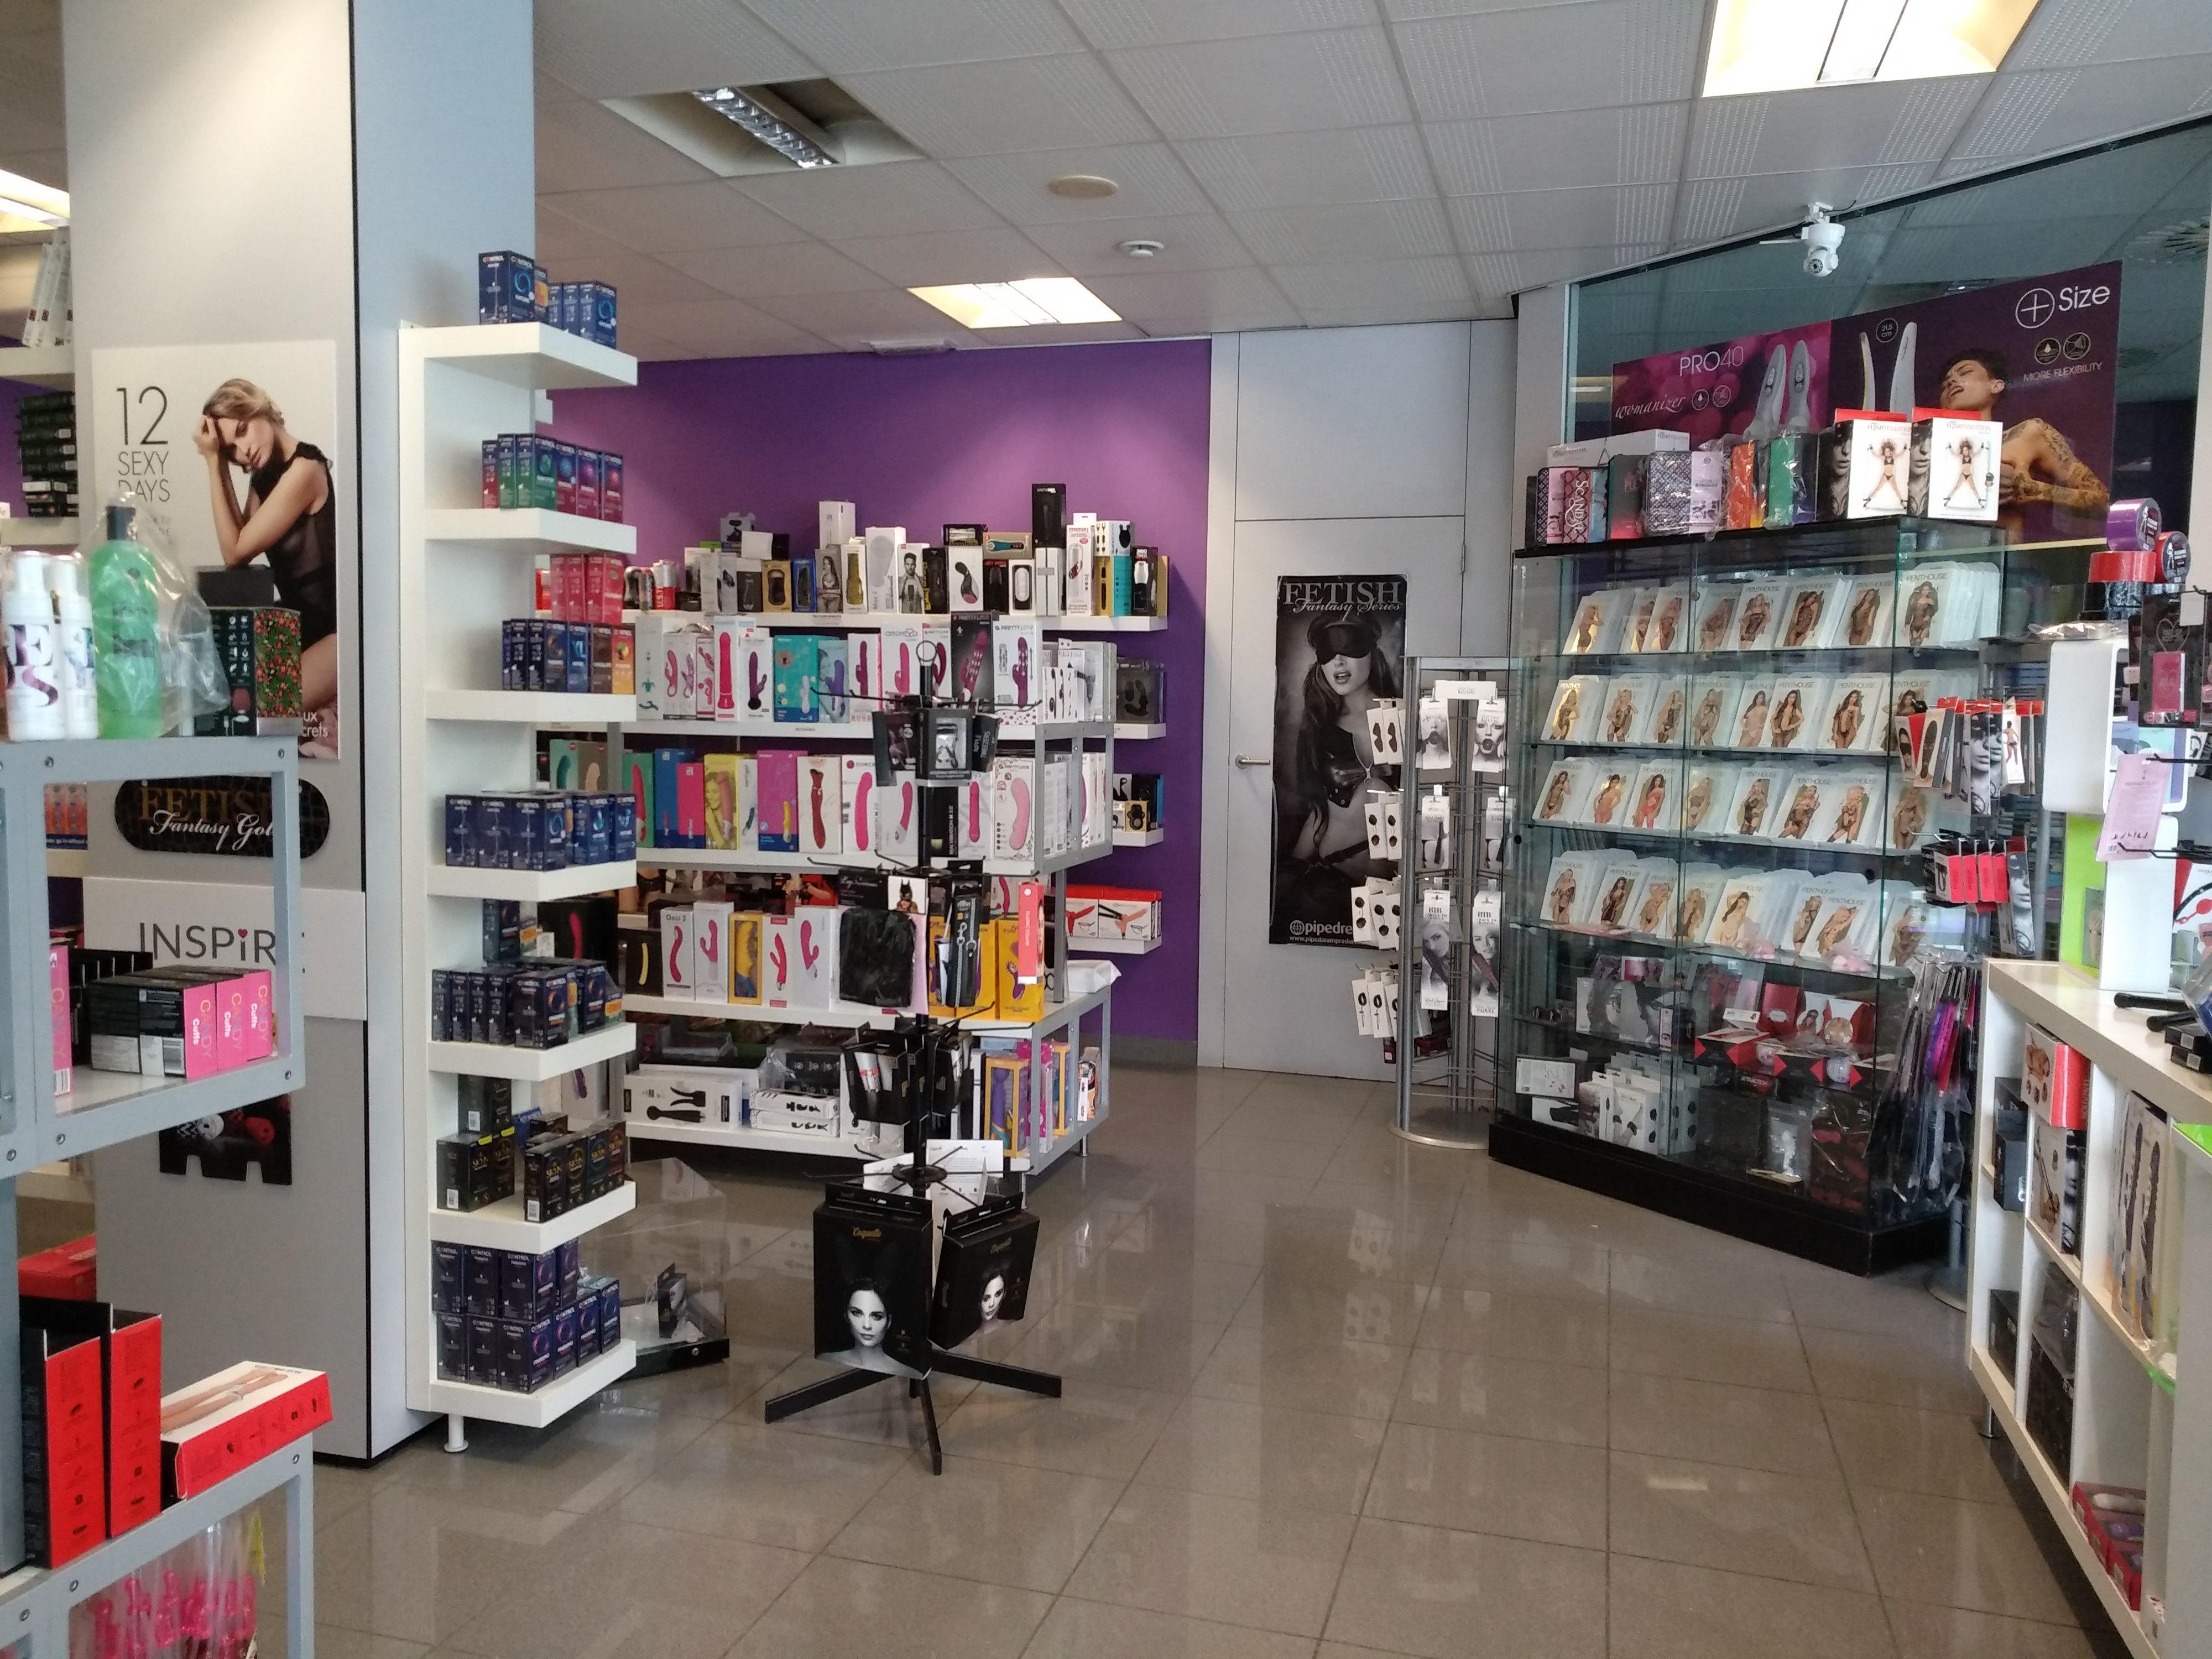 Sex shop Factor Mujer Terrassa, interior